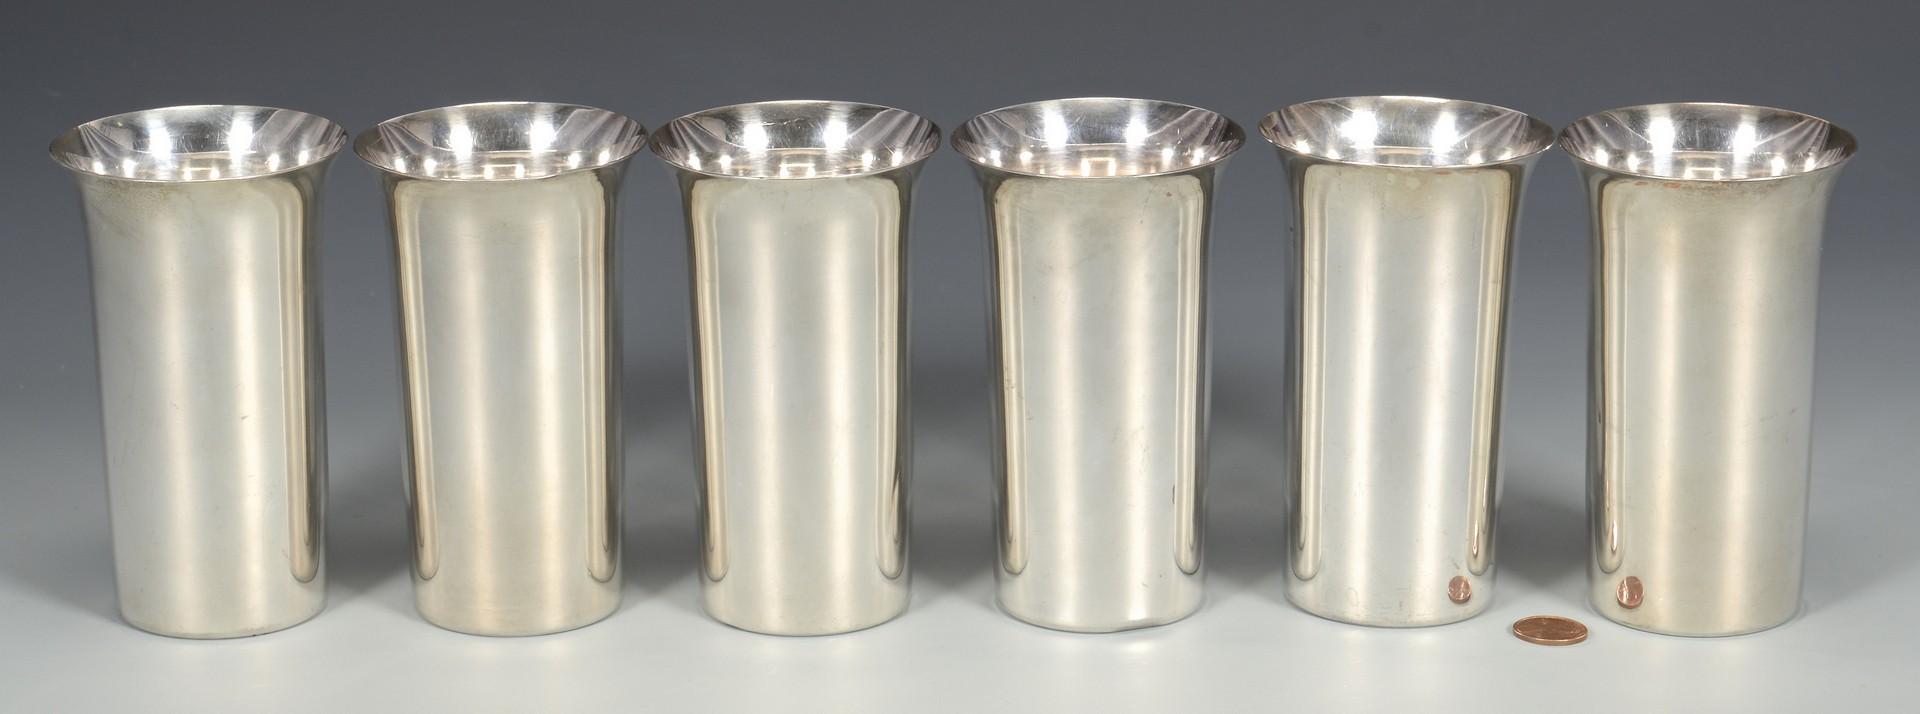 Lot 334: 6 Silver Beakers